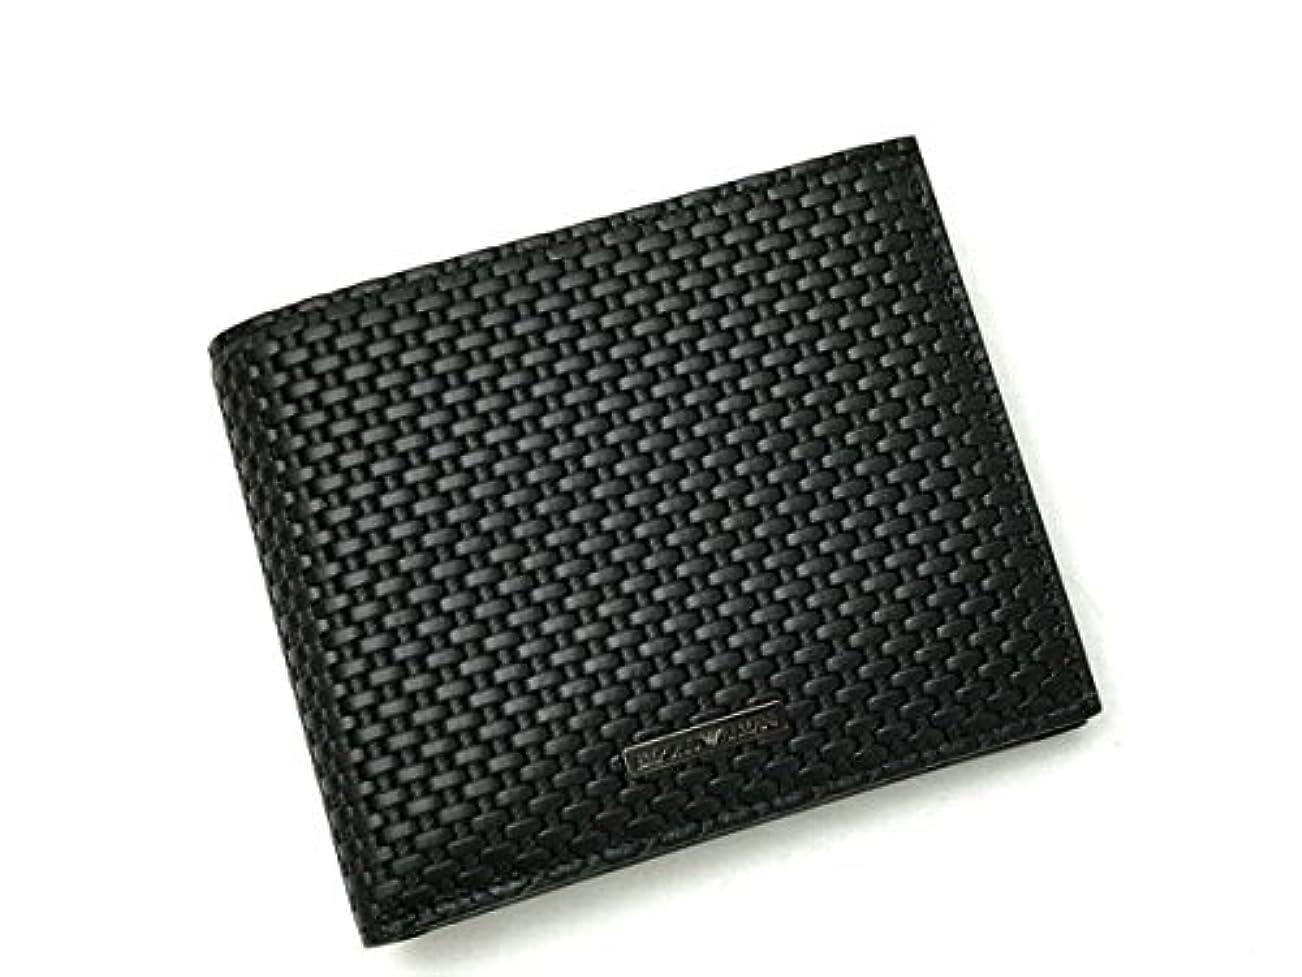 反乱重さ脊椎(エンポリオアルマーニ) EMPORIO ARMANI 2つ折り財布 小銭入れあり ブラック 型押しレザー YEM122-YCG6J-80001[並行輸入品]